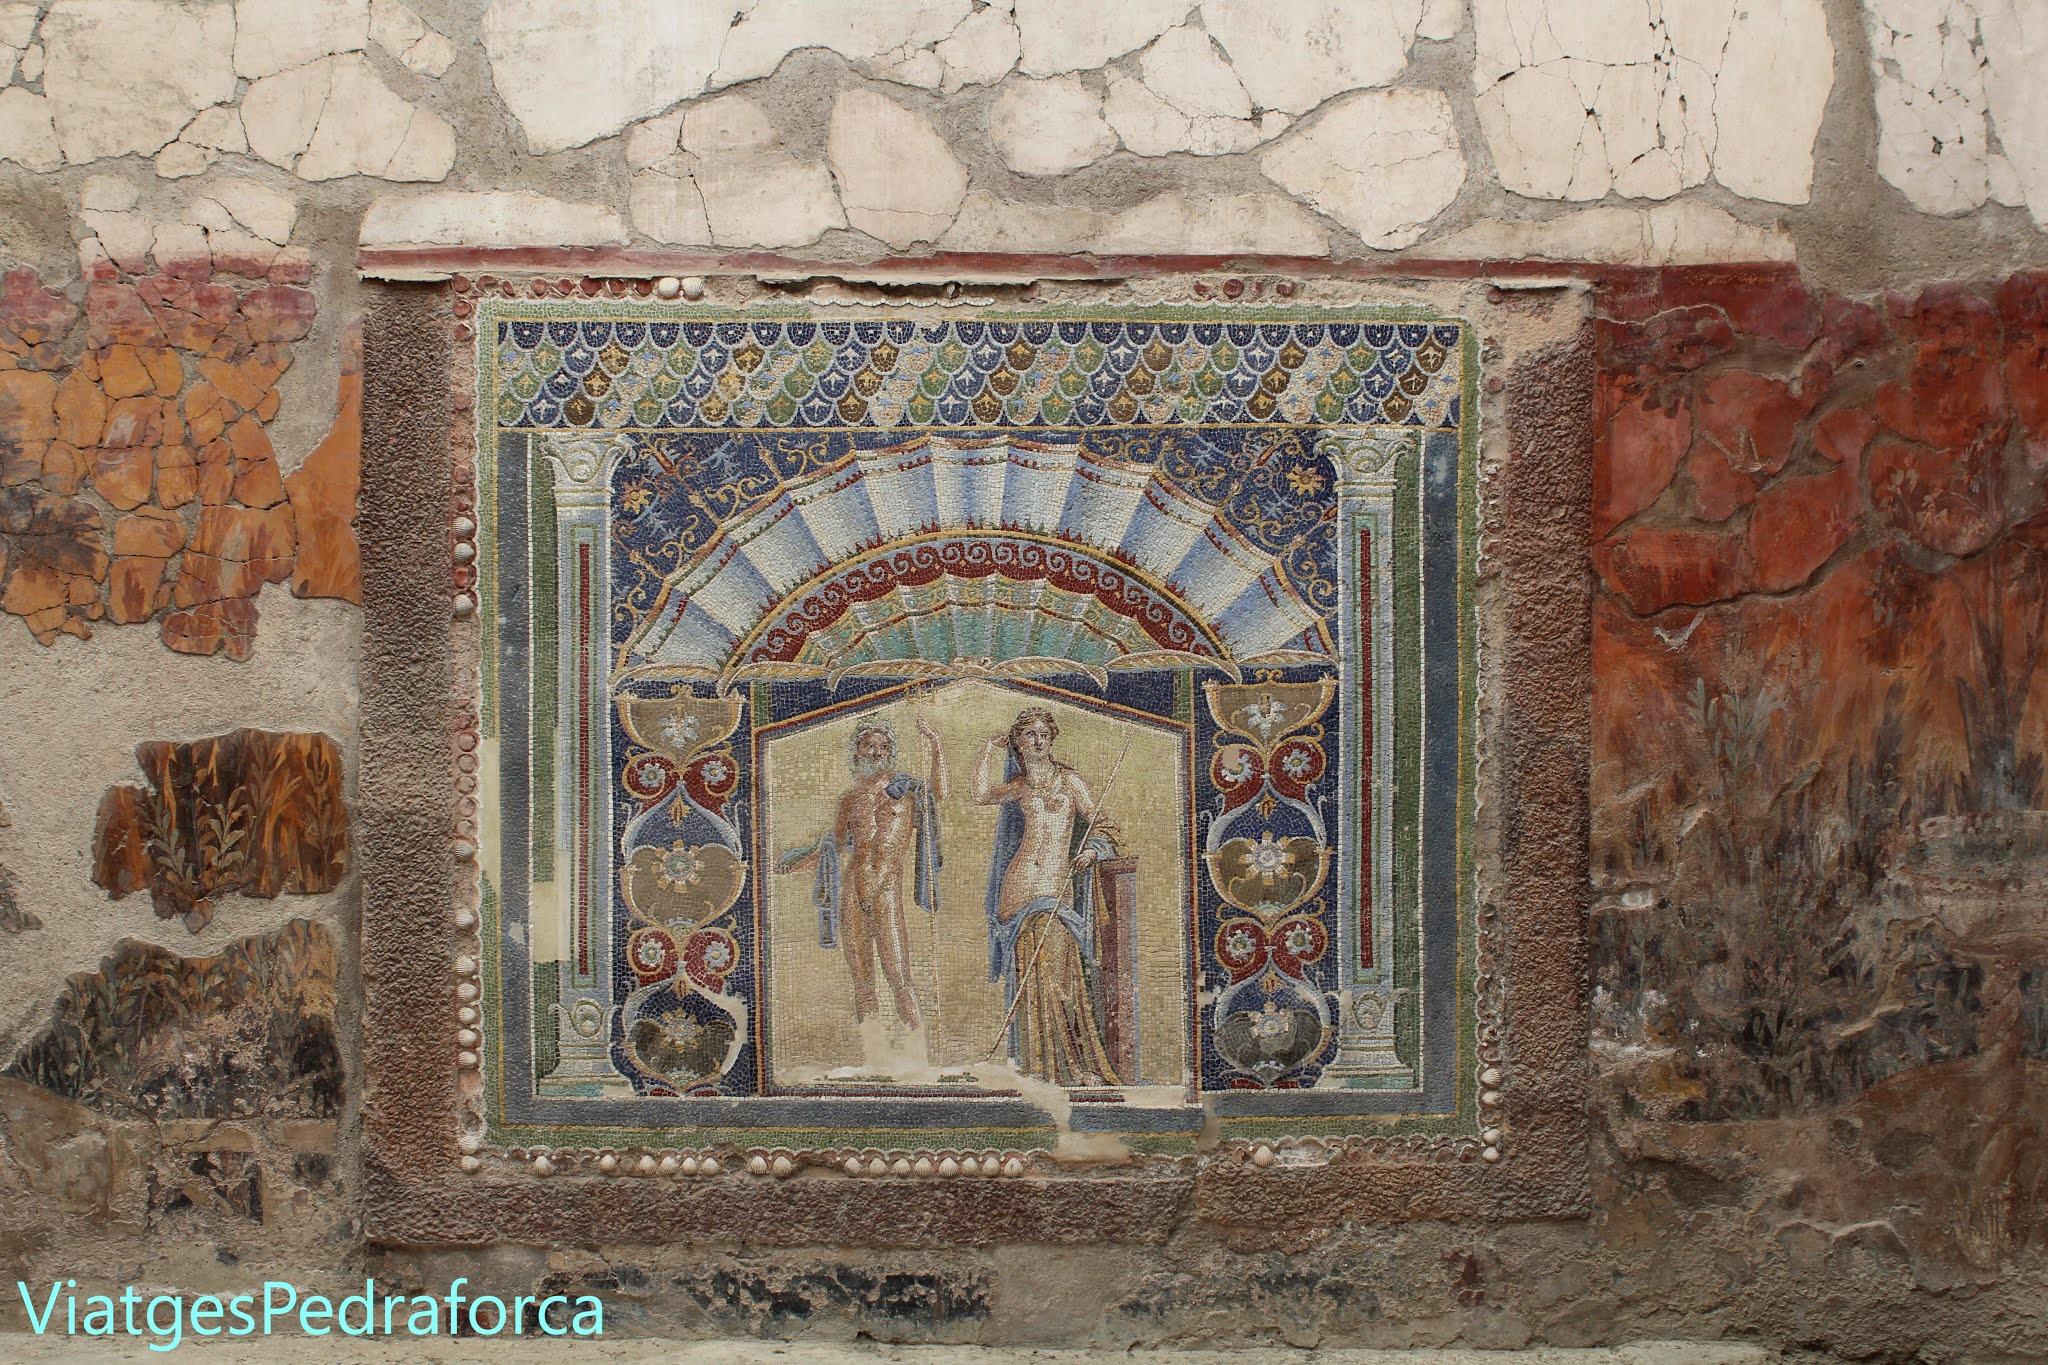 Arqueologia, Ercolano, Campània, Itàlia, Patrimoni de la Humanitat, Unesco Heritage Site